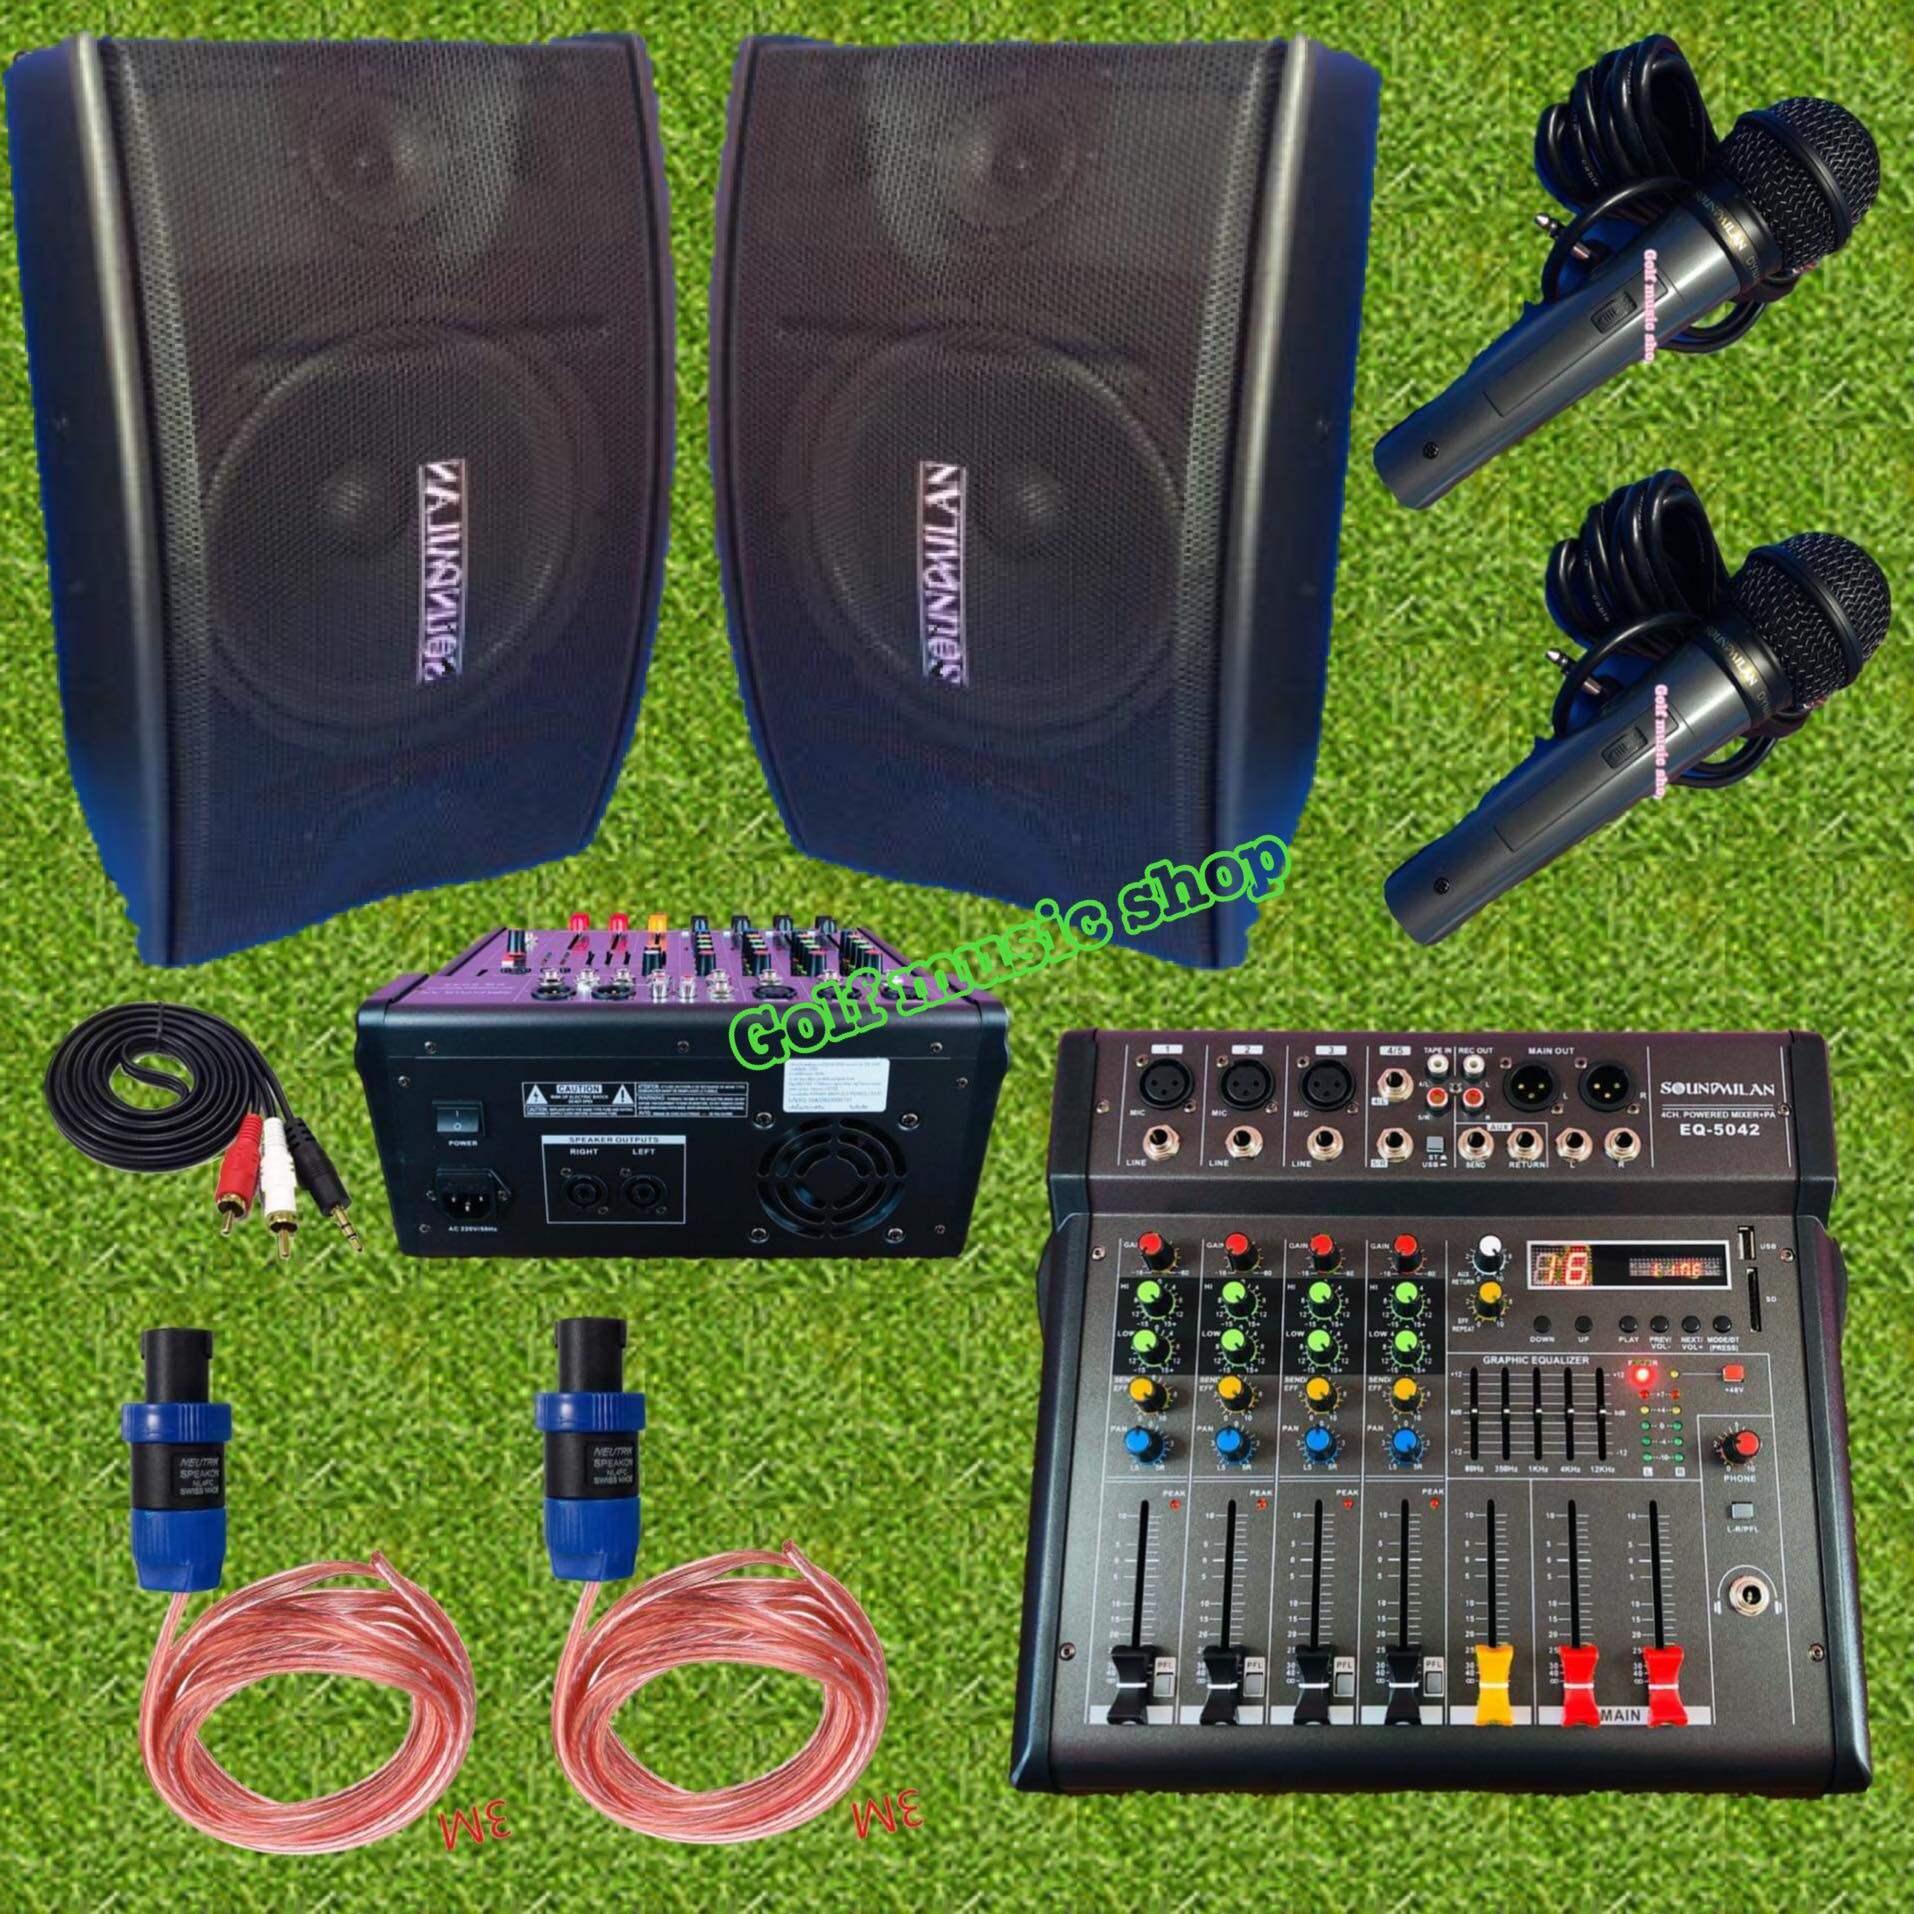 ชุดลำโพงคาราโอเกะ Karaoke G2 ตู้ลำโพงคาราโอเกะดอก10นิ้ว พร้อม เพาเวอร์มิกเซอร์ รุ่น Eq-5042 Amplifier Bluetooth Mp3 Usb Sd Card ชุดพร้อมใช้.